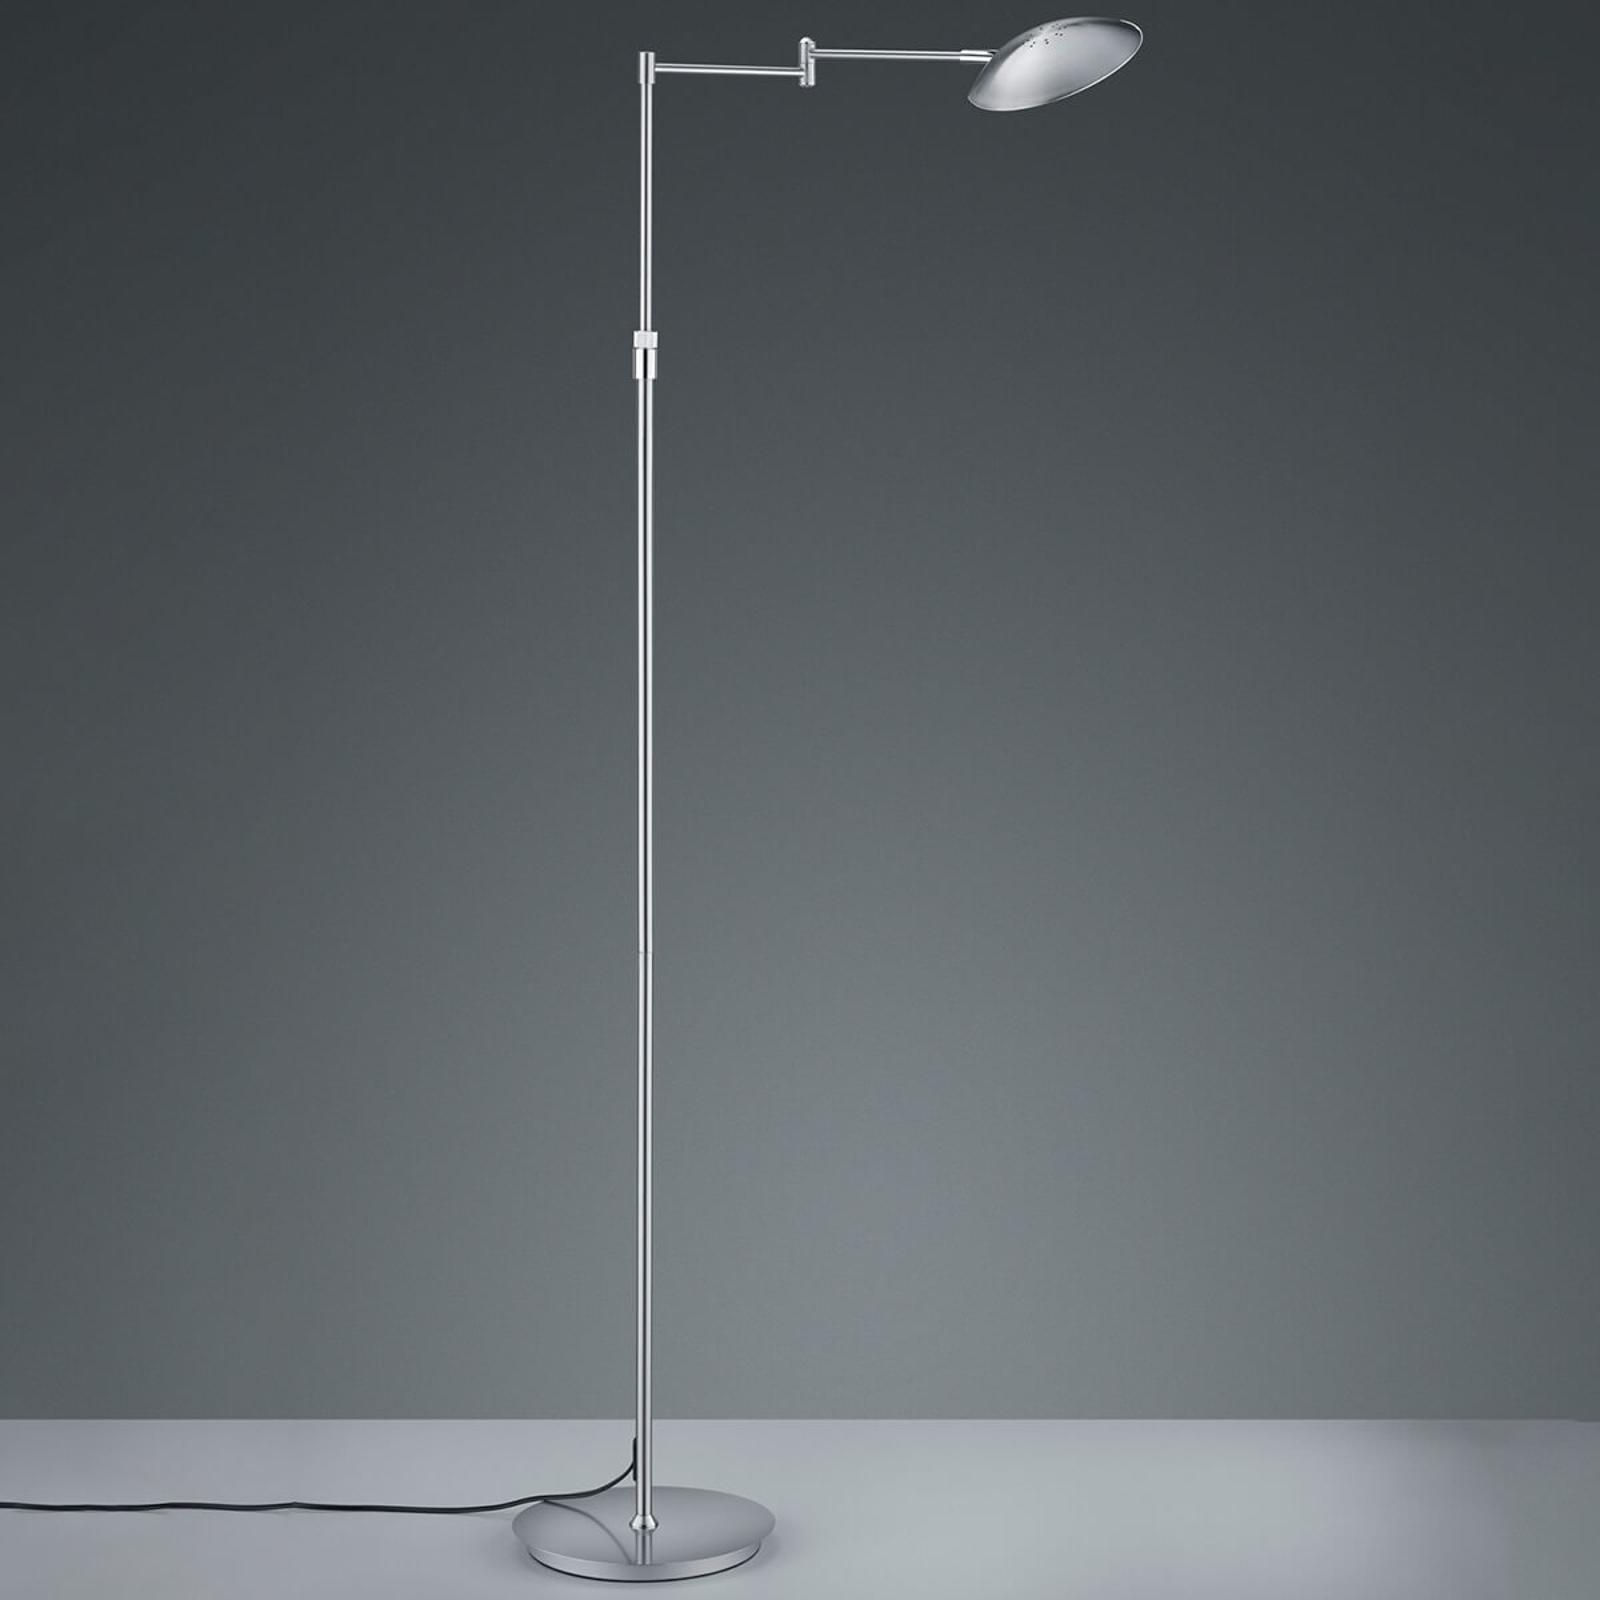 LED-lattiavalo Calcio, säädettävä, mattanikkeli